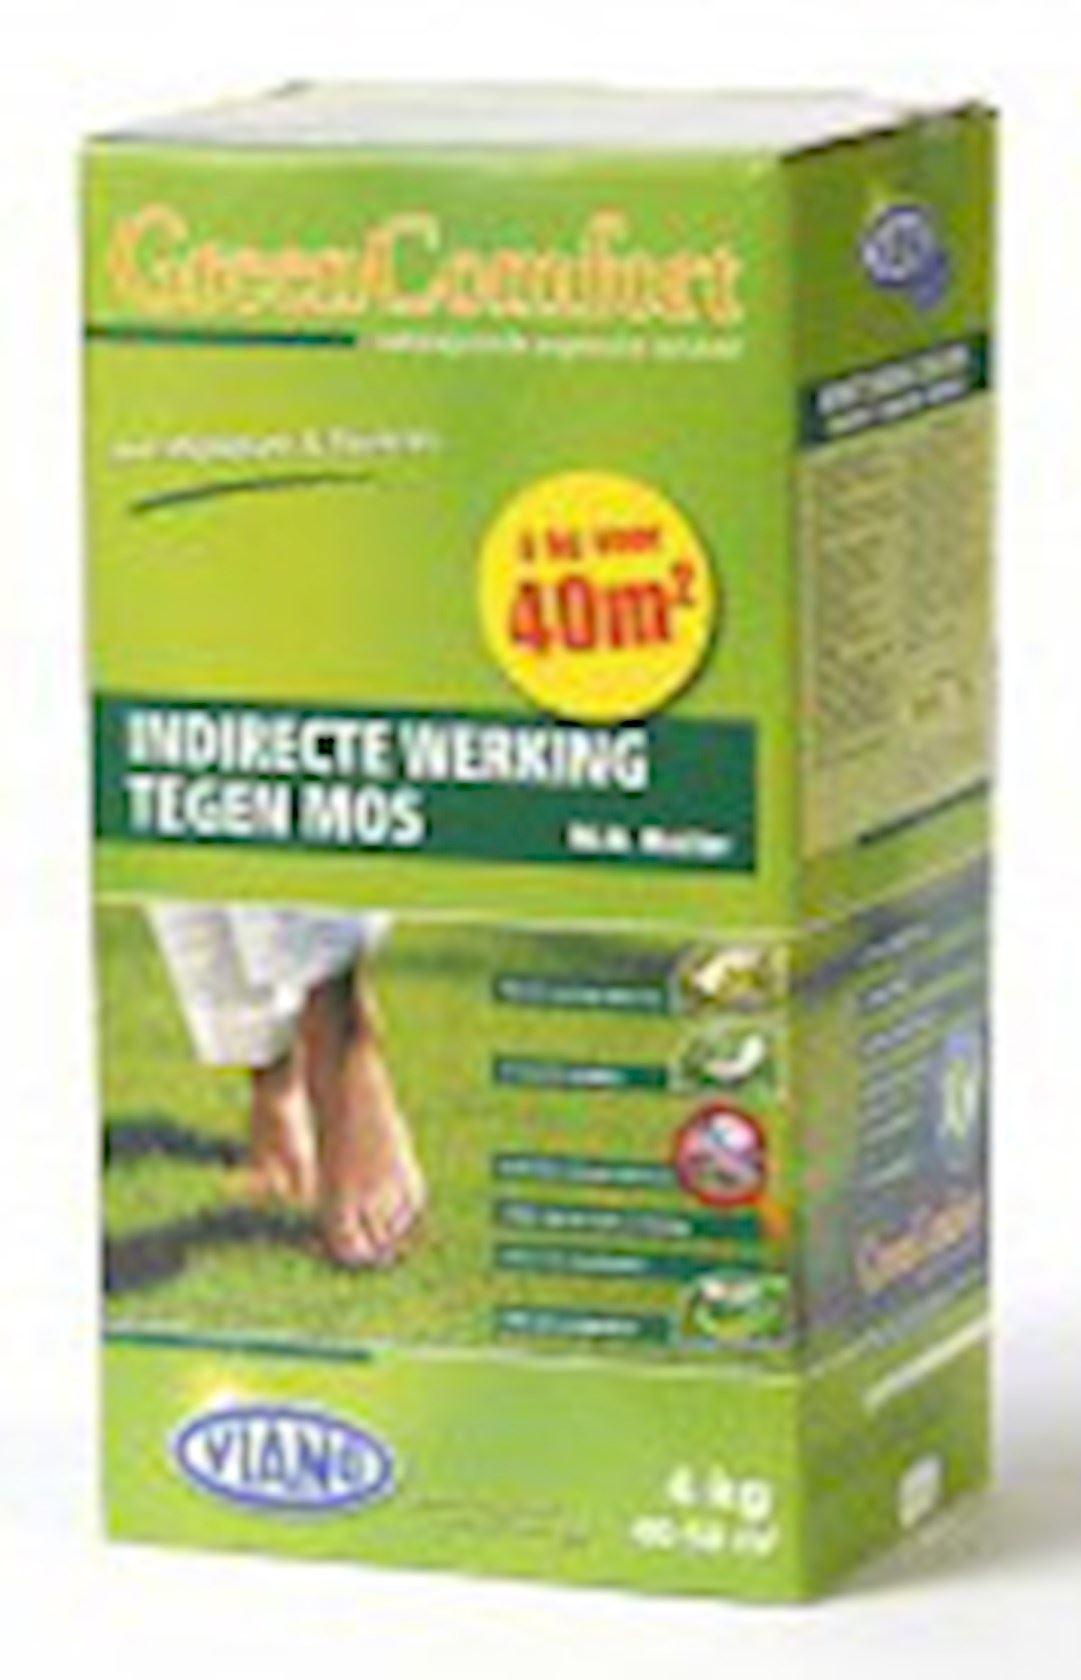 Indirecte werking tegen mos doos 4kg